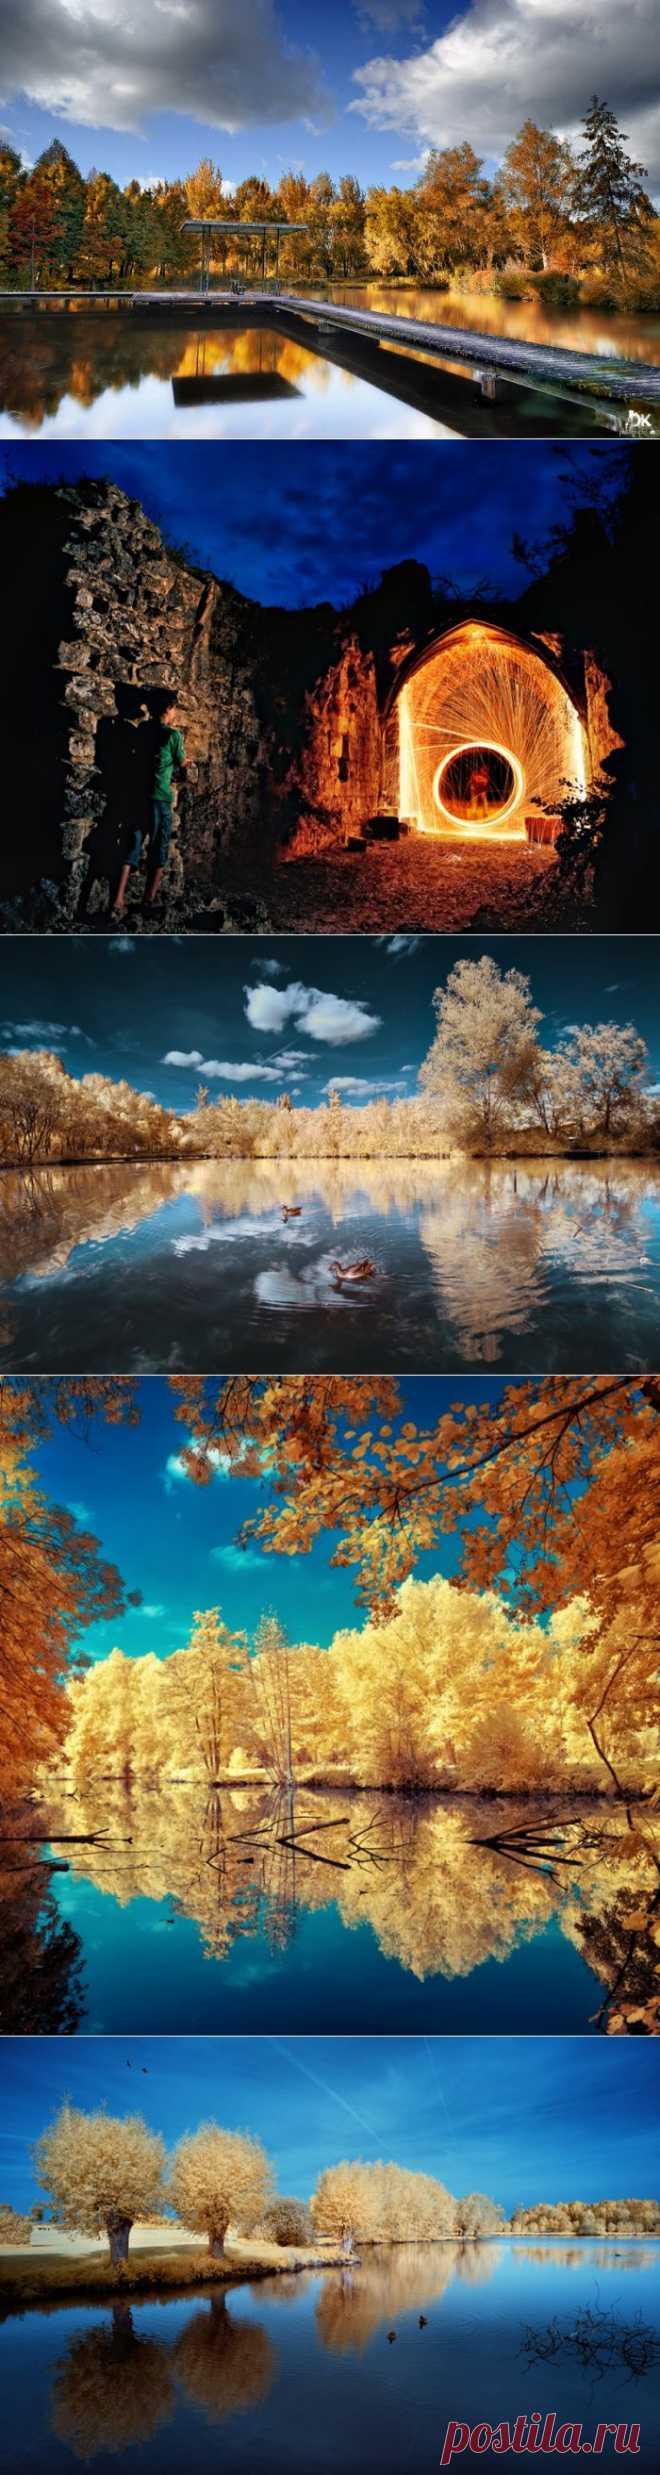 » Световое искусство в фотографии Давида Кешкеряна Это интересно!